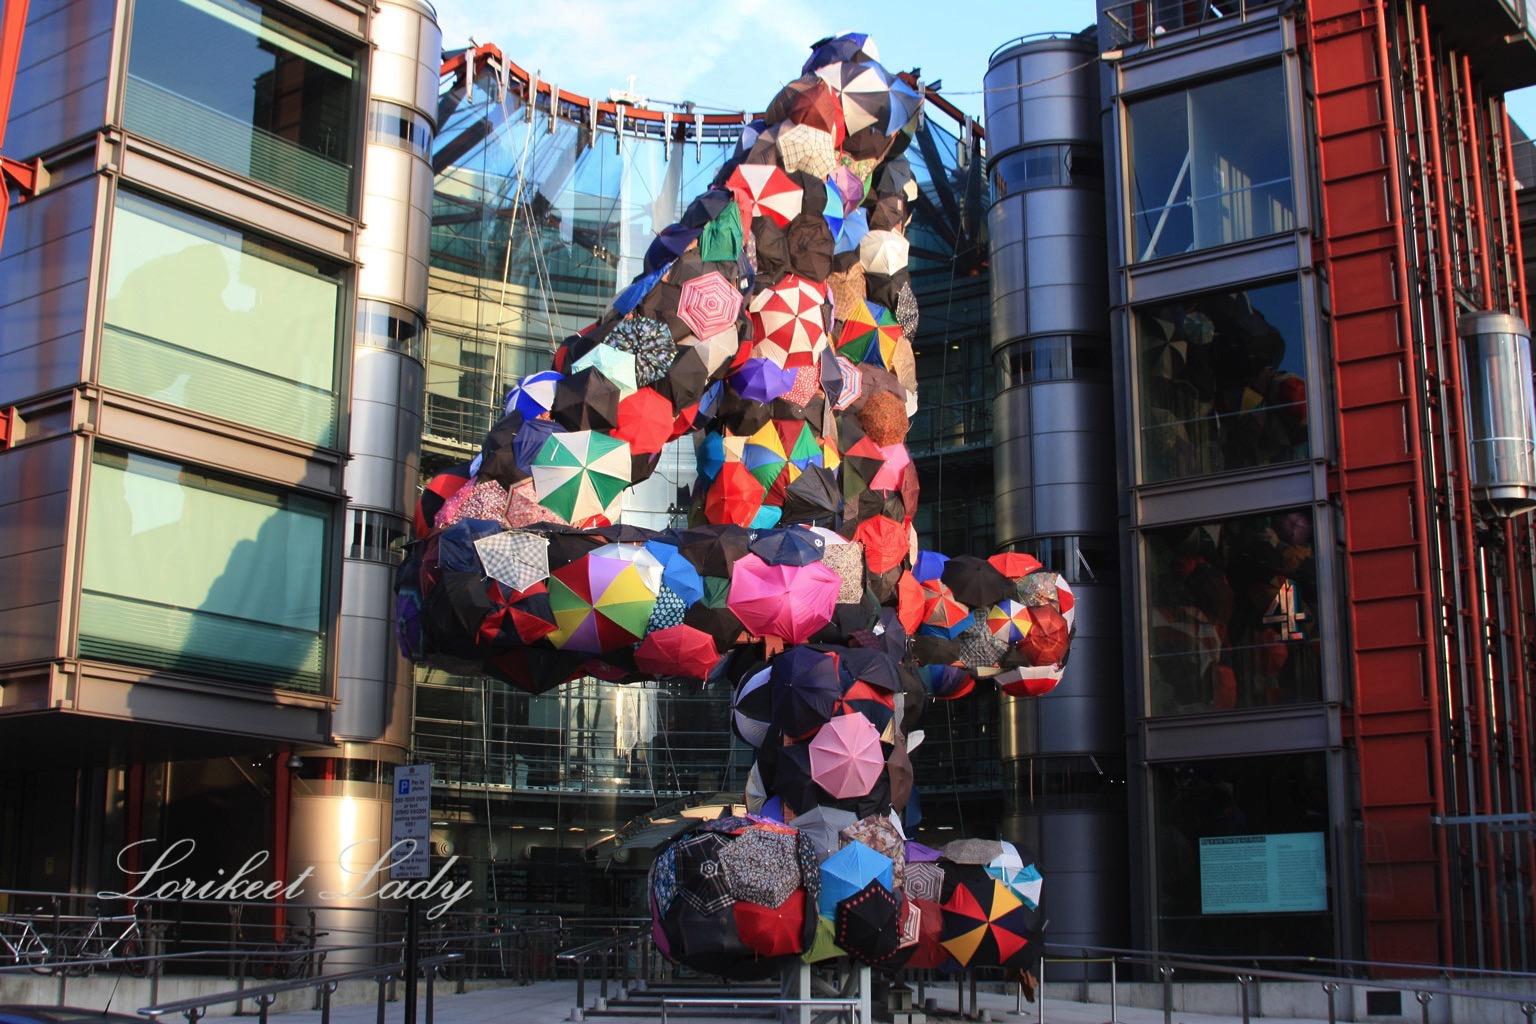 BBC 4 umbrella sculpture